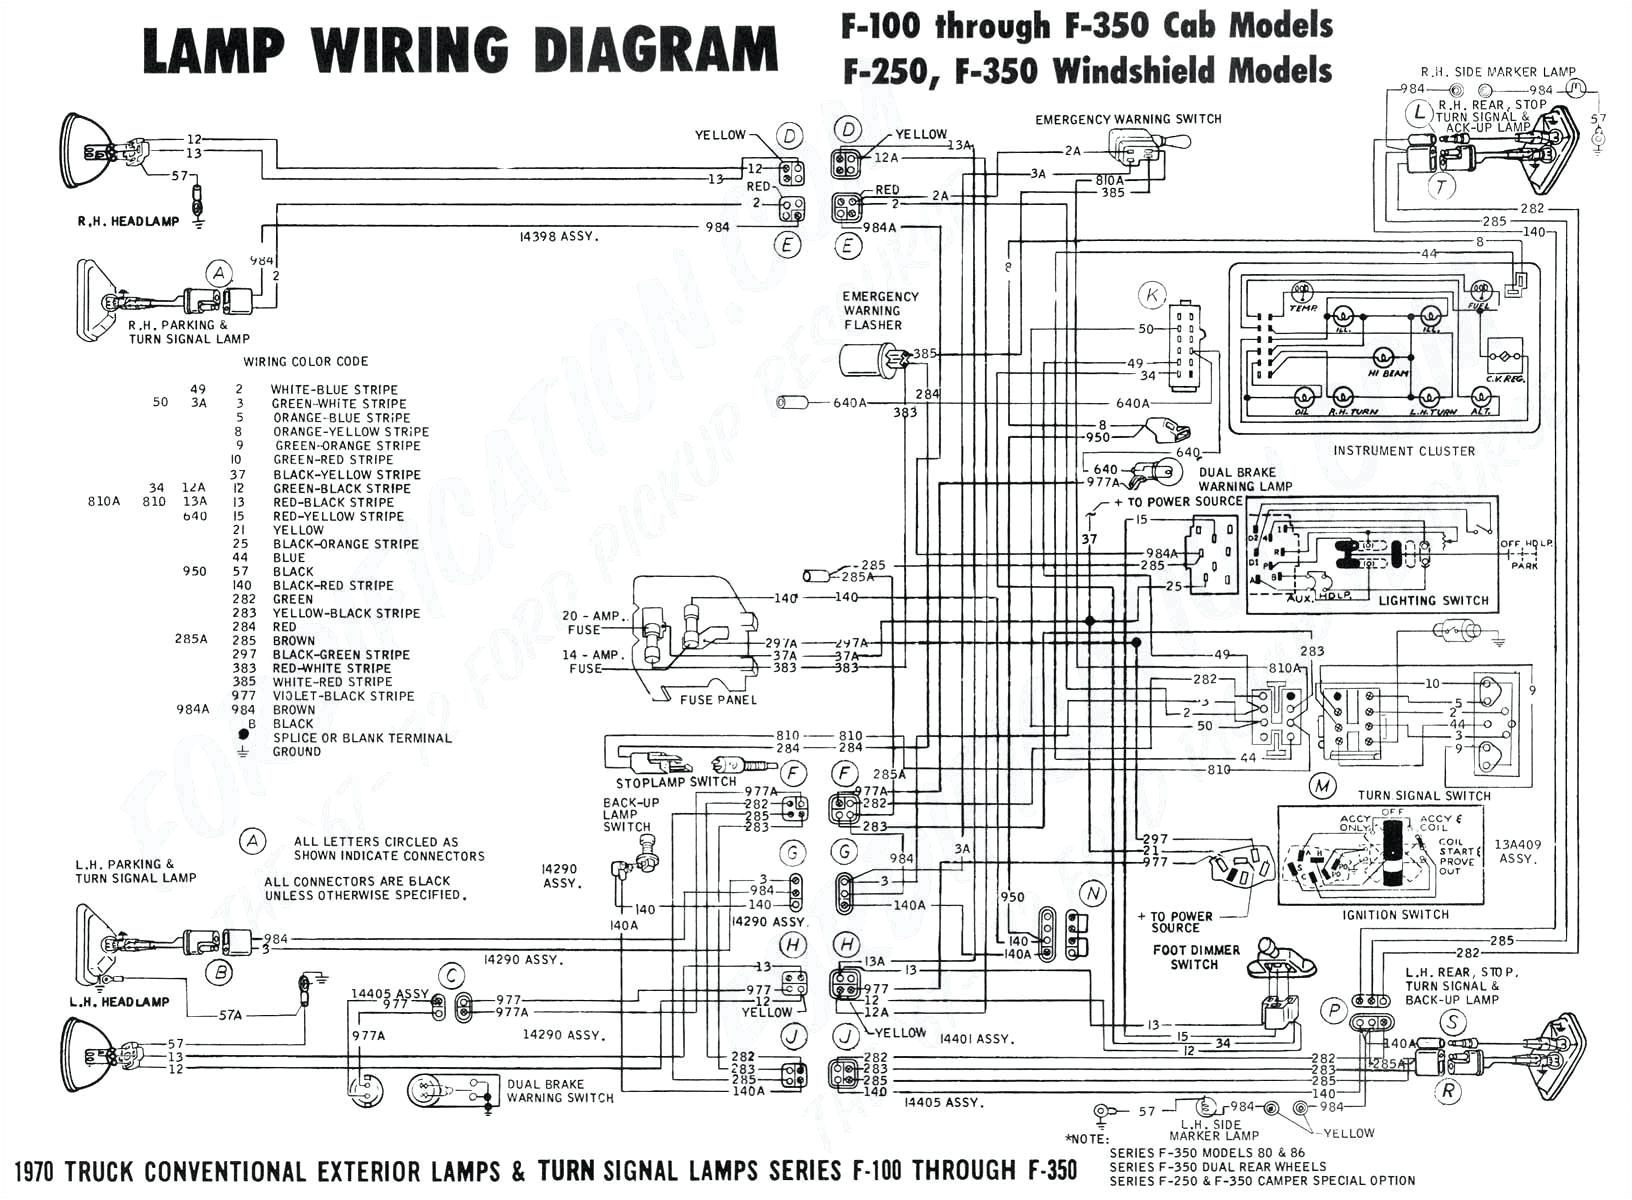 wiring 2 12v schematics electrical wiring diagram wiring 2 12v schematics